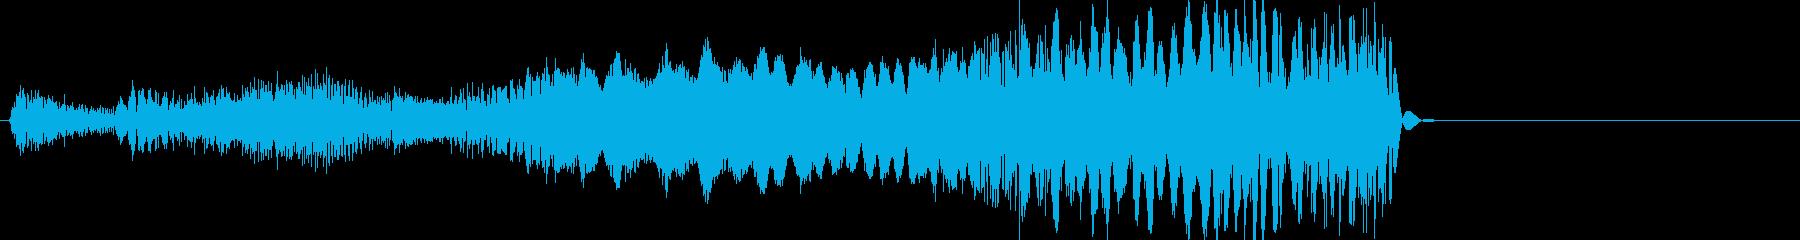 ラジオバーストの再生済みの波形